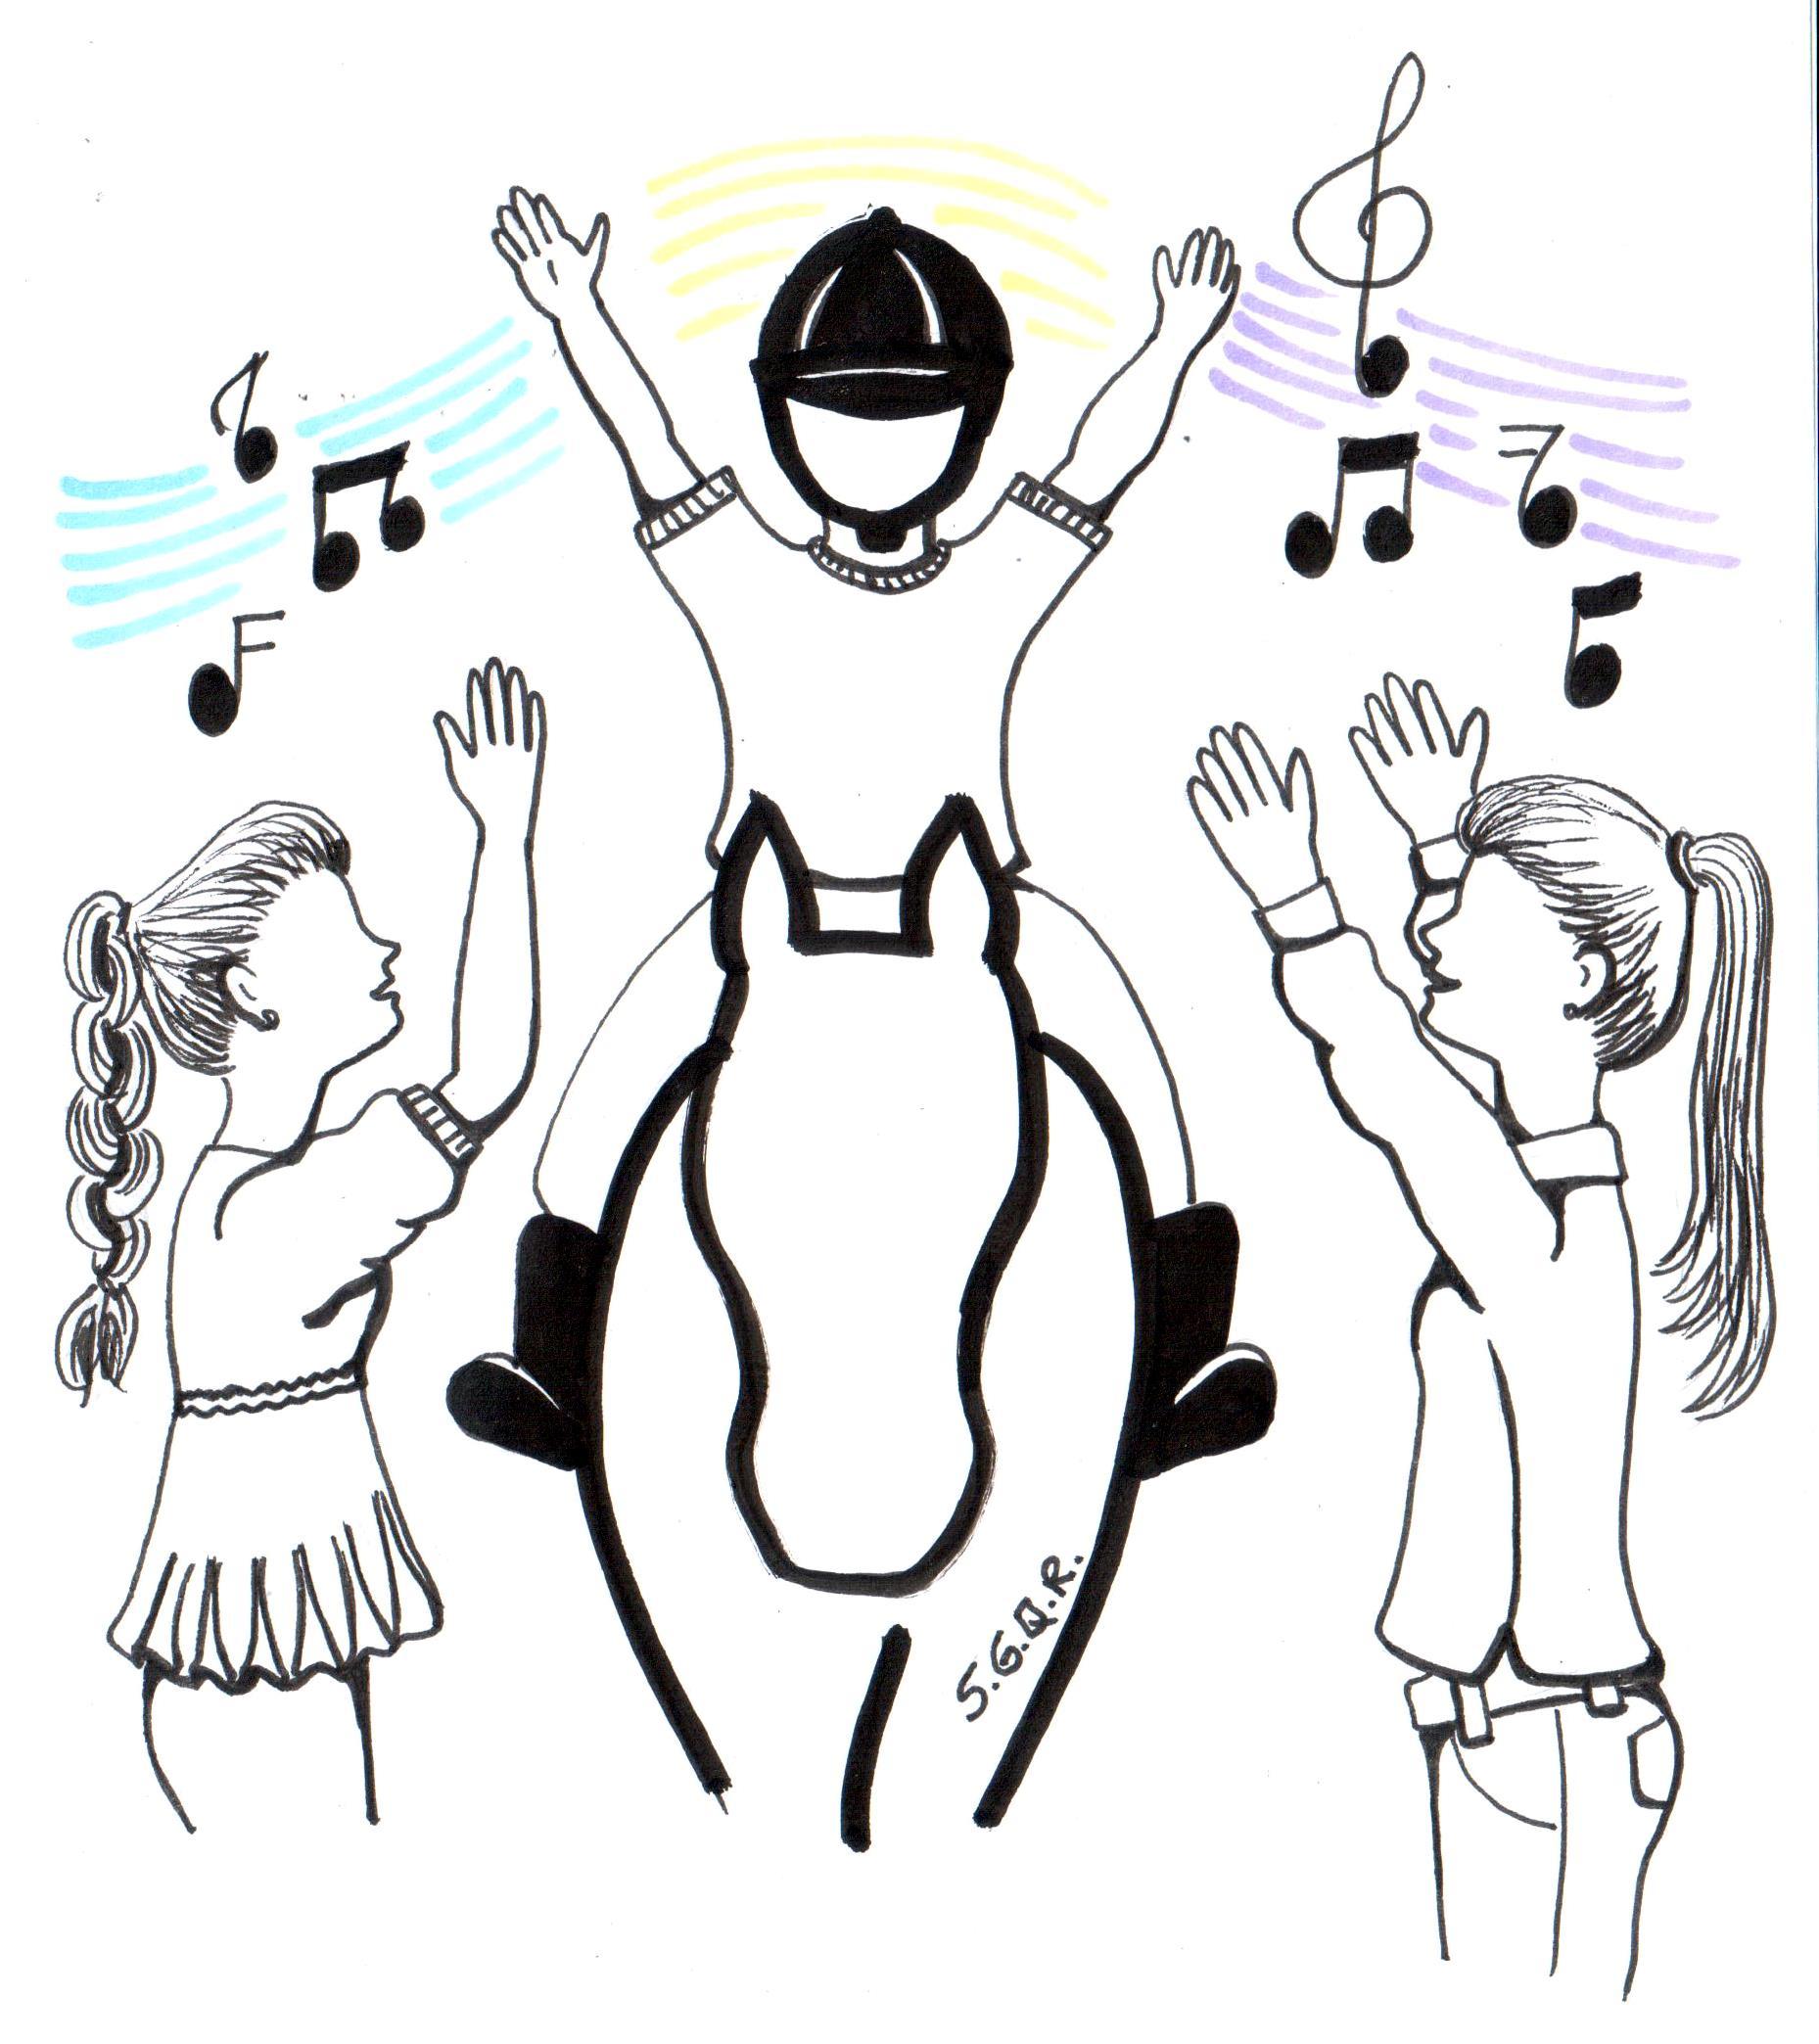 Desenho de um praticante de Equoterapia montado um cavalo e duas equoterapeutas ao lado. Todos estão com os braços levantados como se estivessem cantando uma música.